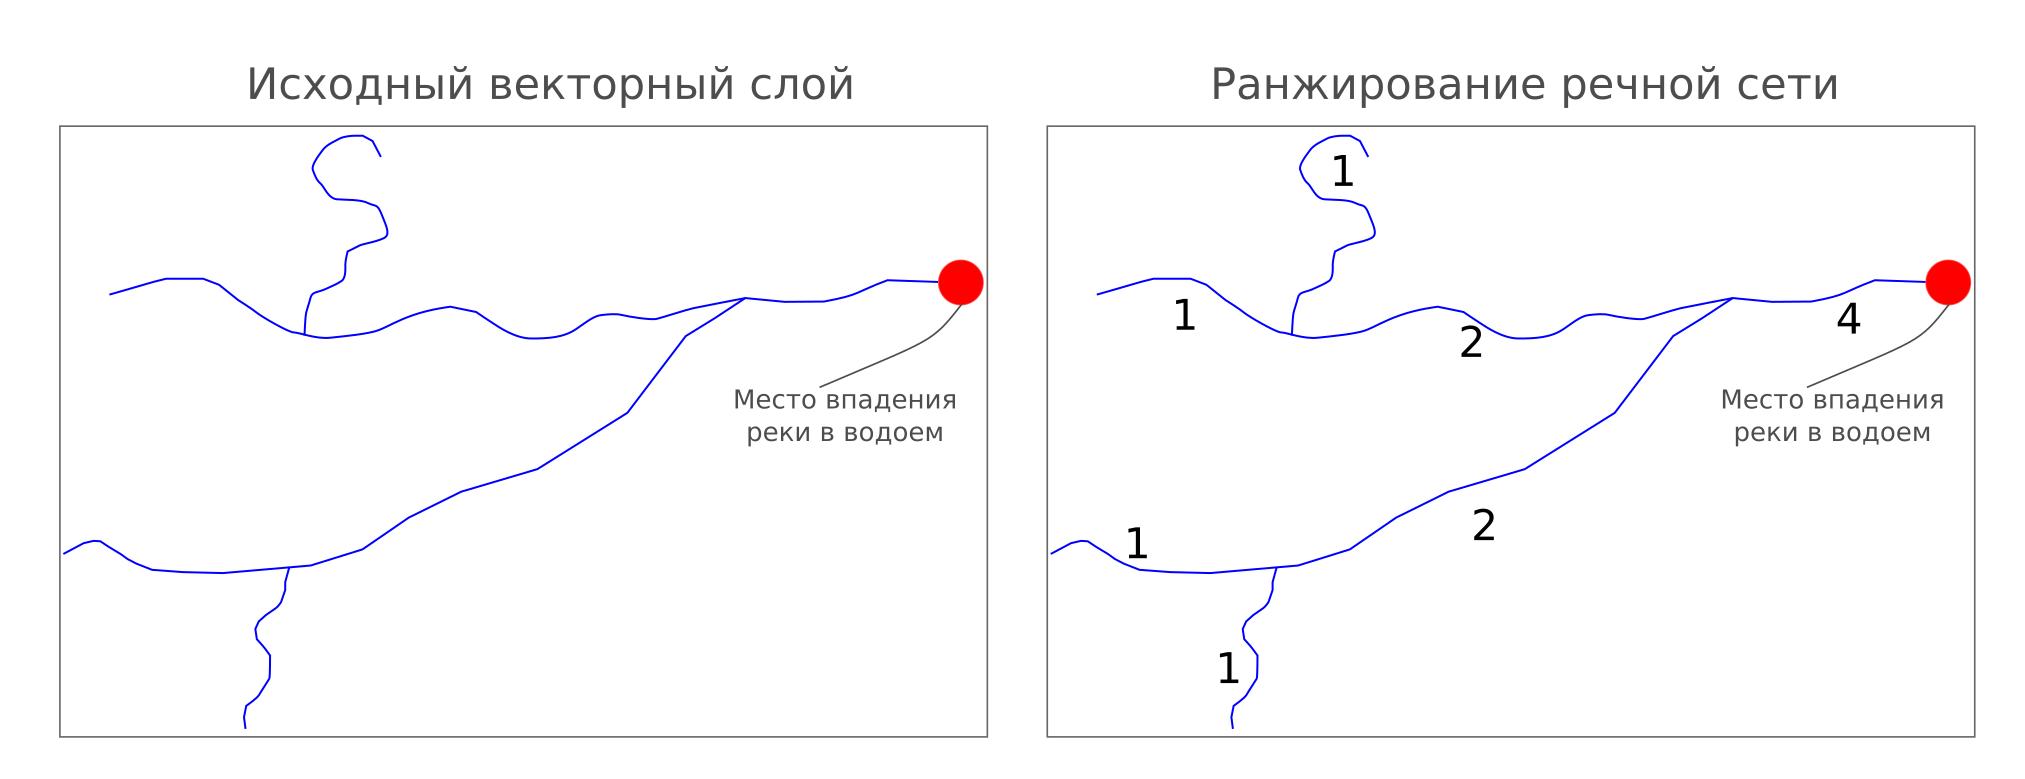 Из песочницы Алгоритм ранжирования сегментов речной сети с использованием графов для геоинформационного анализа